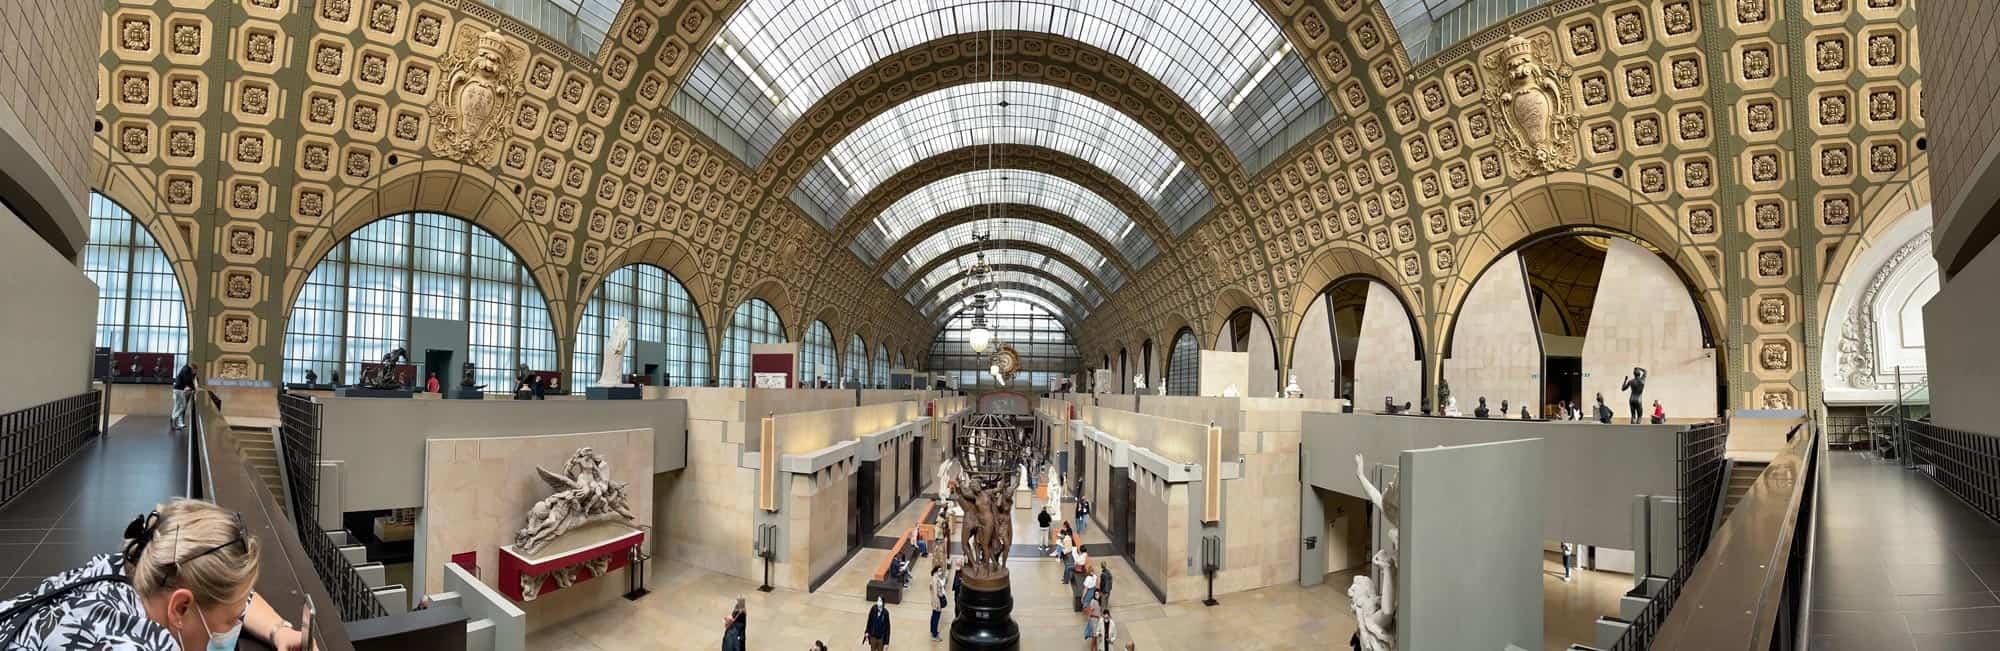 Scenes from Silmo Paris 2021